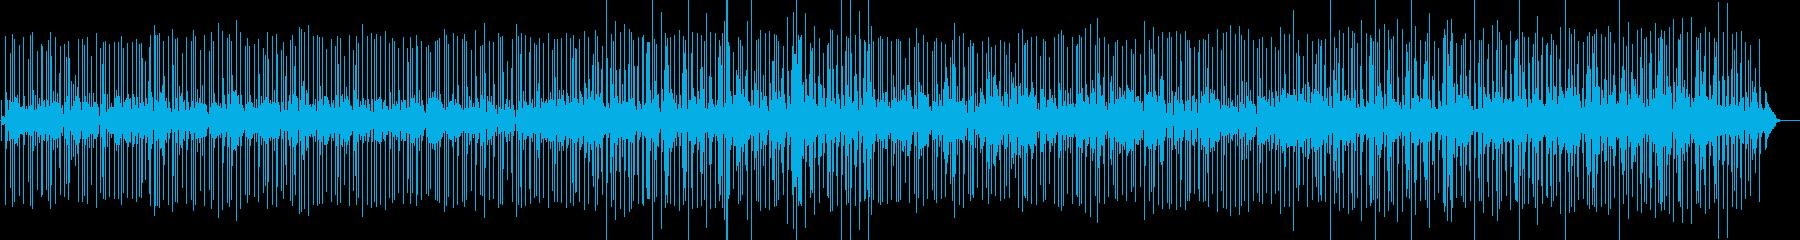 鎮魂をテーマにしたR&Bの再生済みの波形